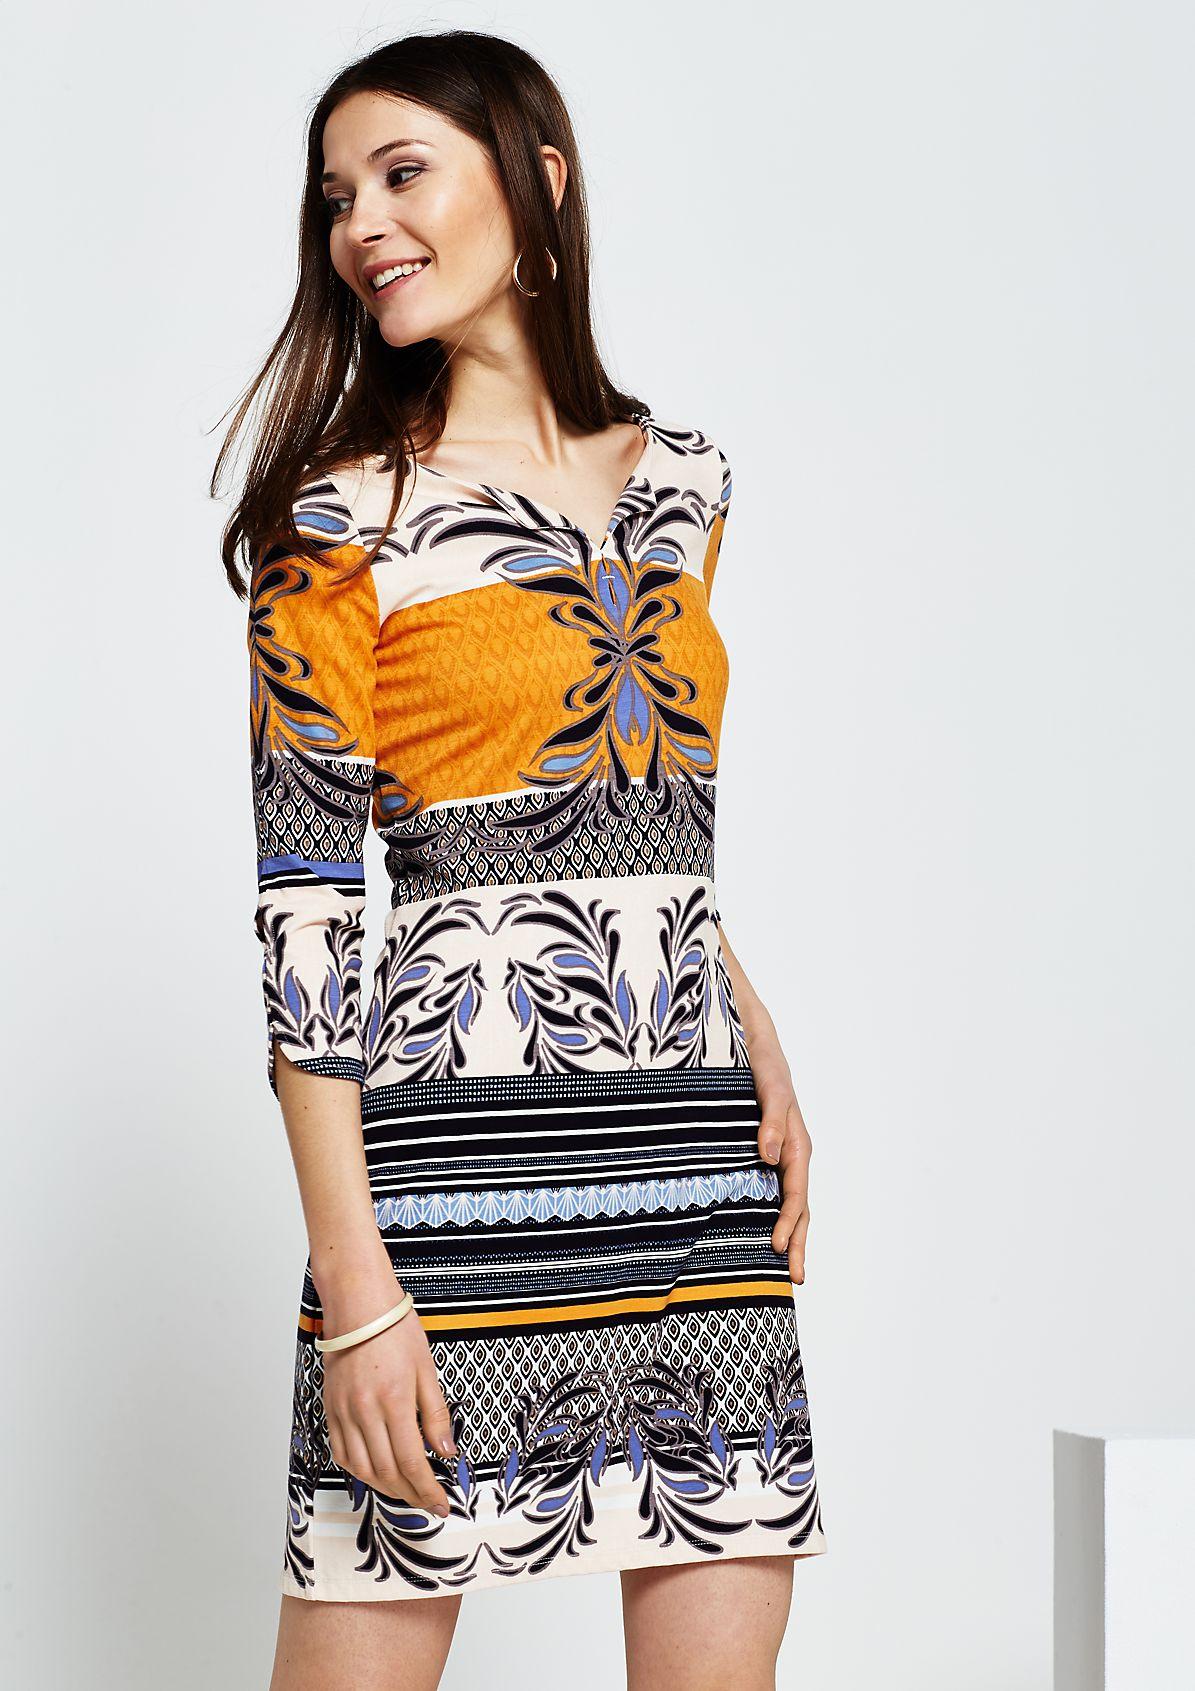 Sportliches 3/4-Arm Kleid mit dekorativem Alloverprint